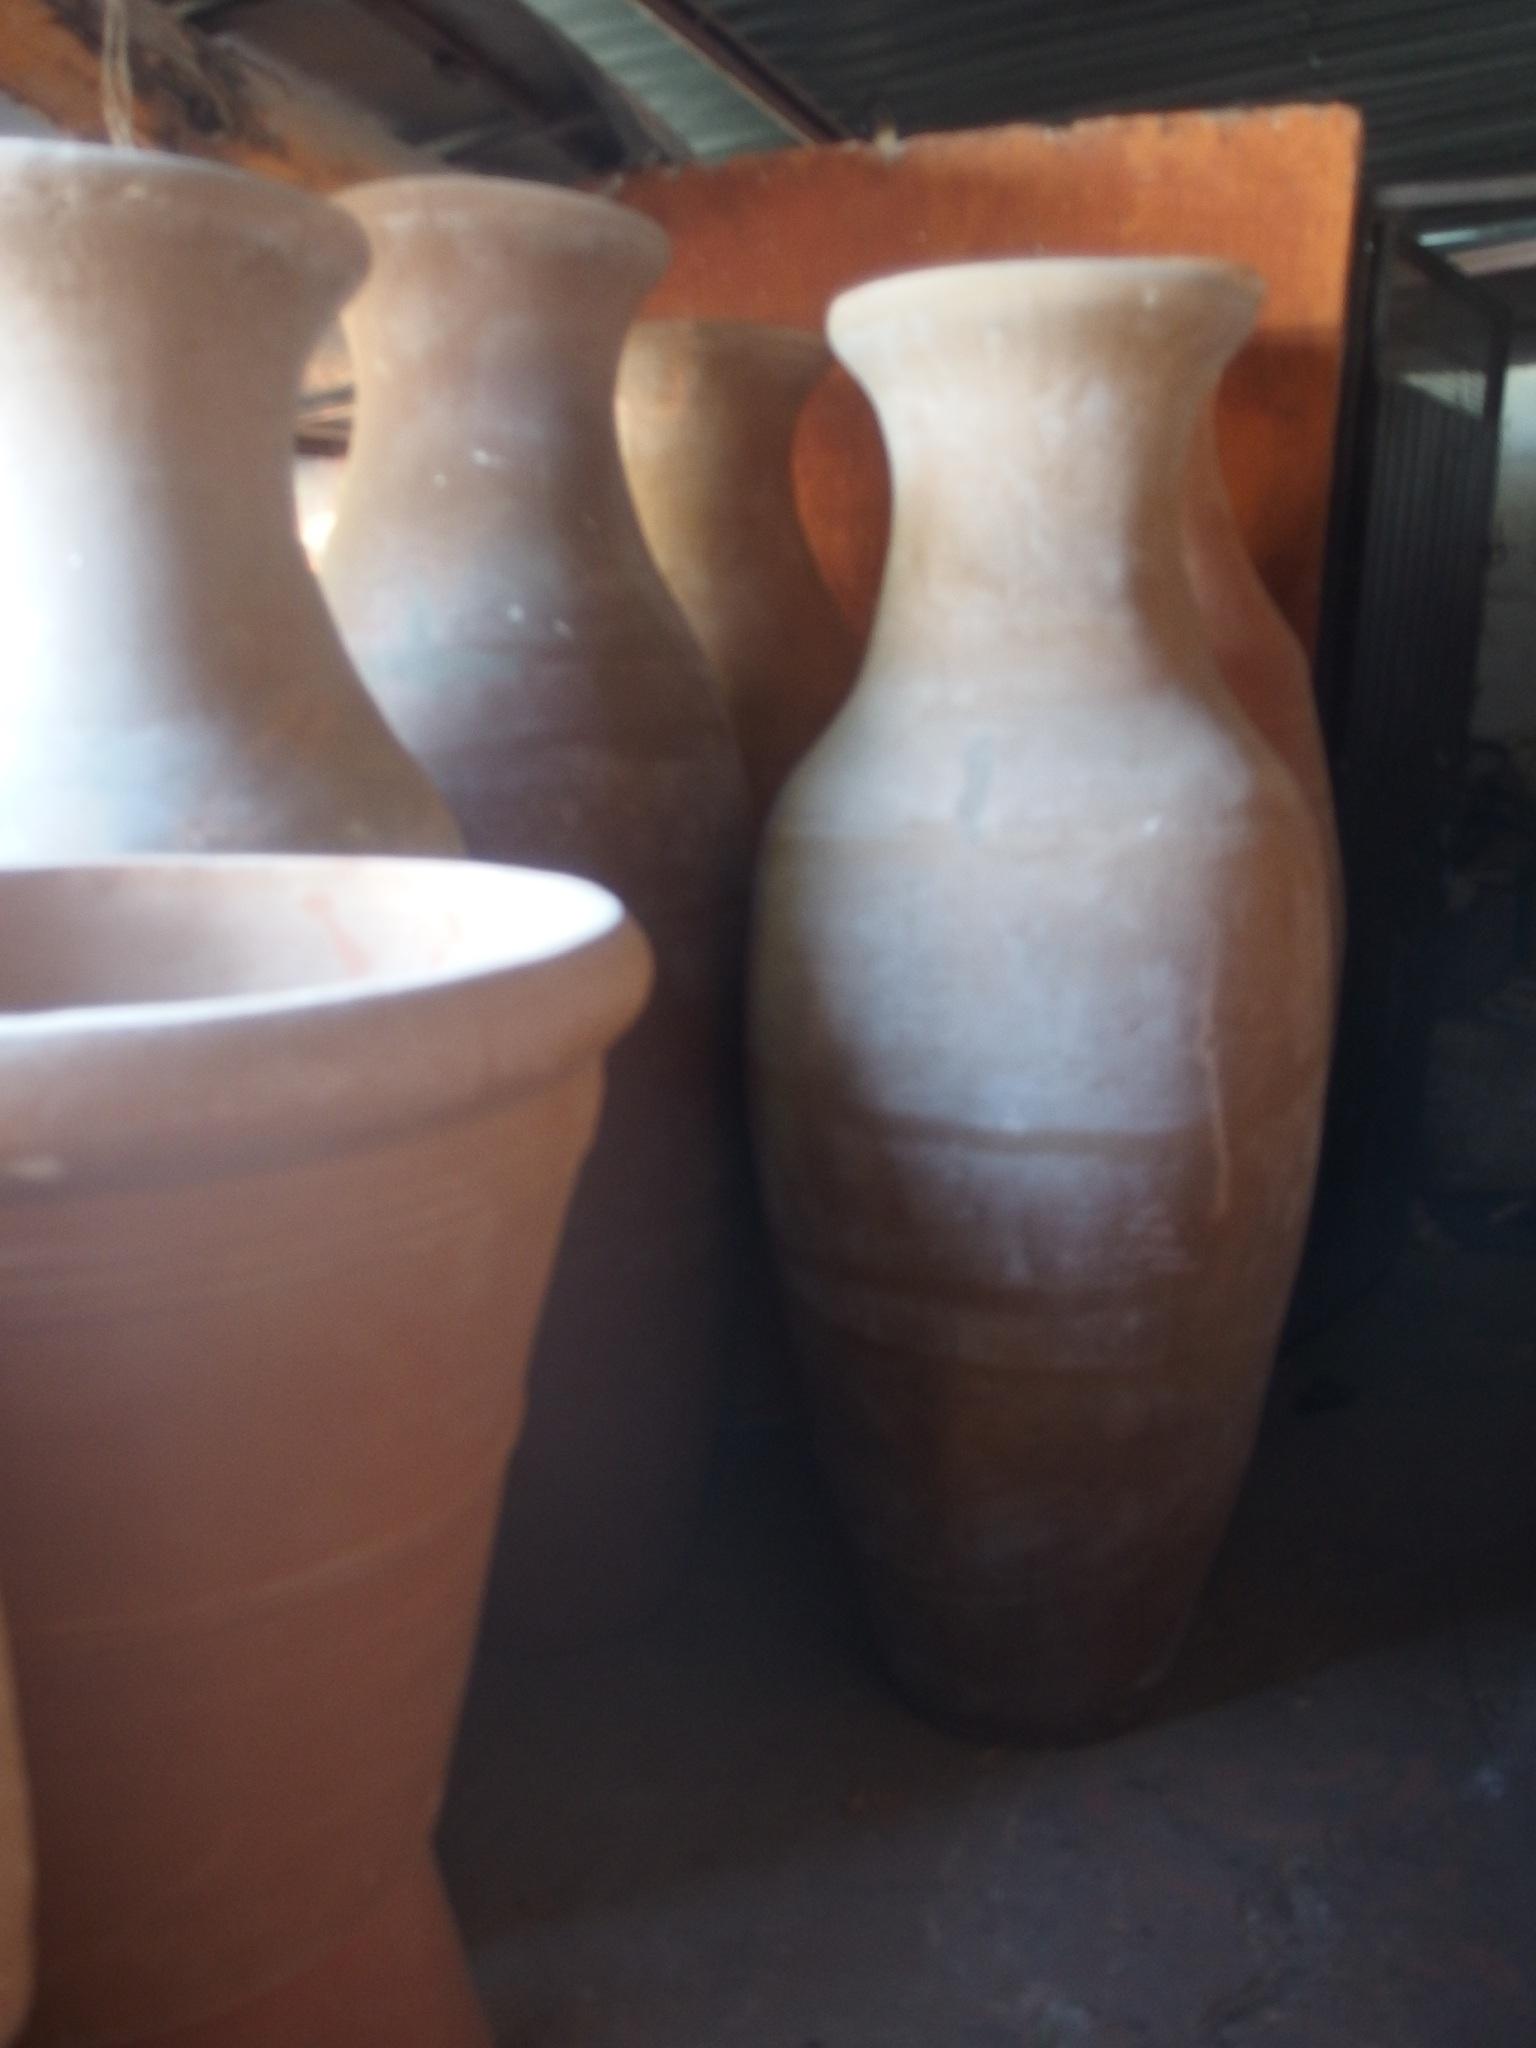 mexico-pot_1052